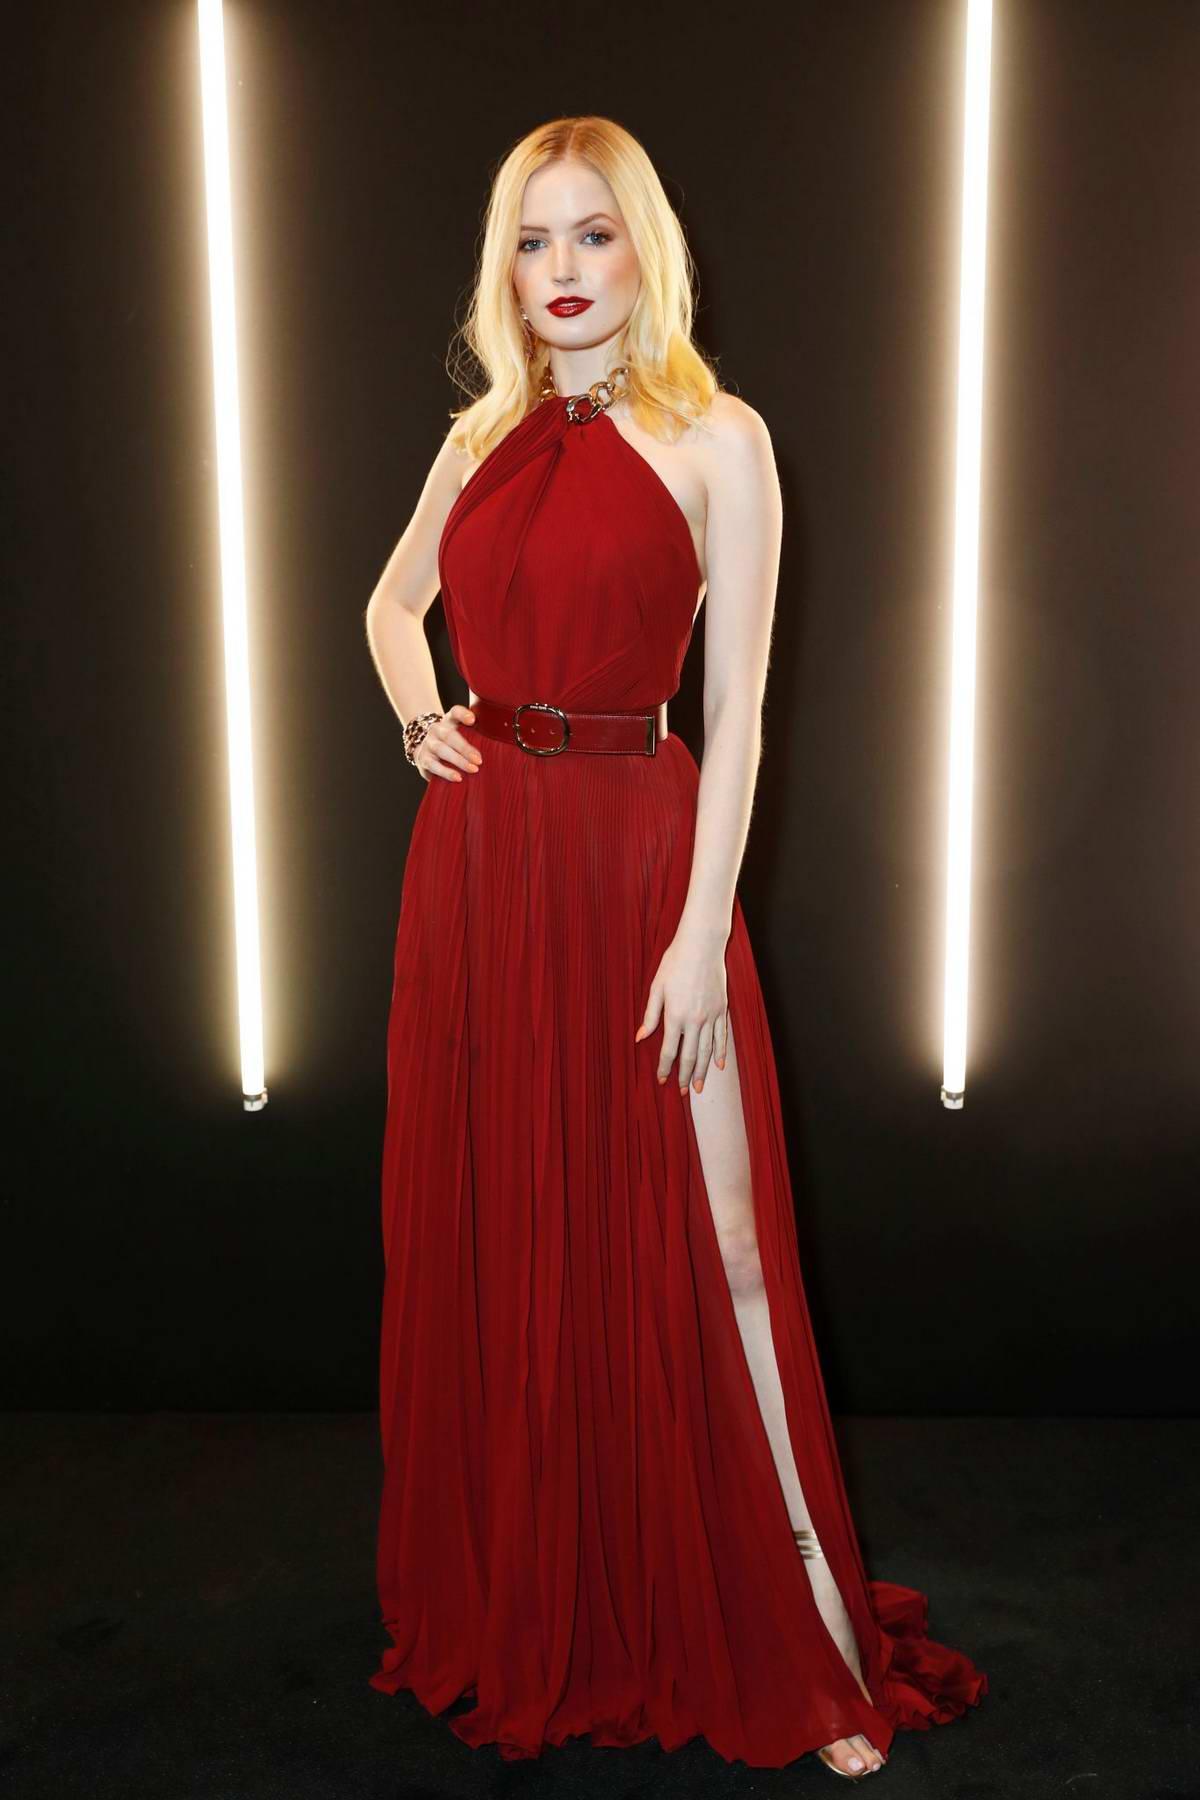 Ellie Bamber attends the Dunhill Pre-BAFTA dinner at Bourdon House in London, UK